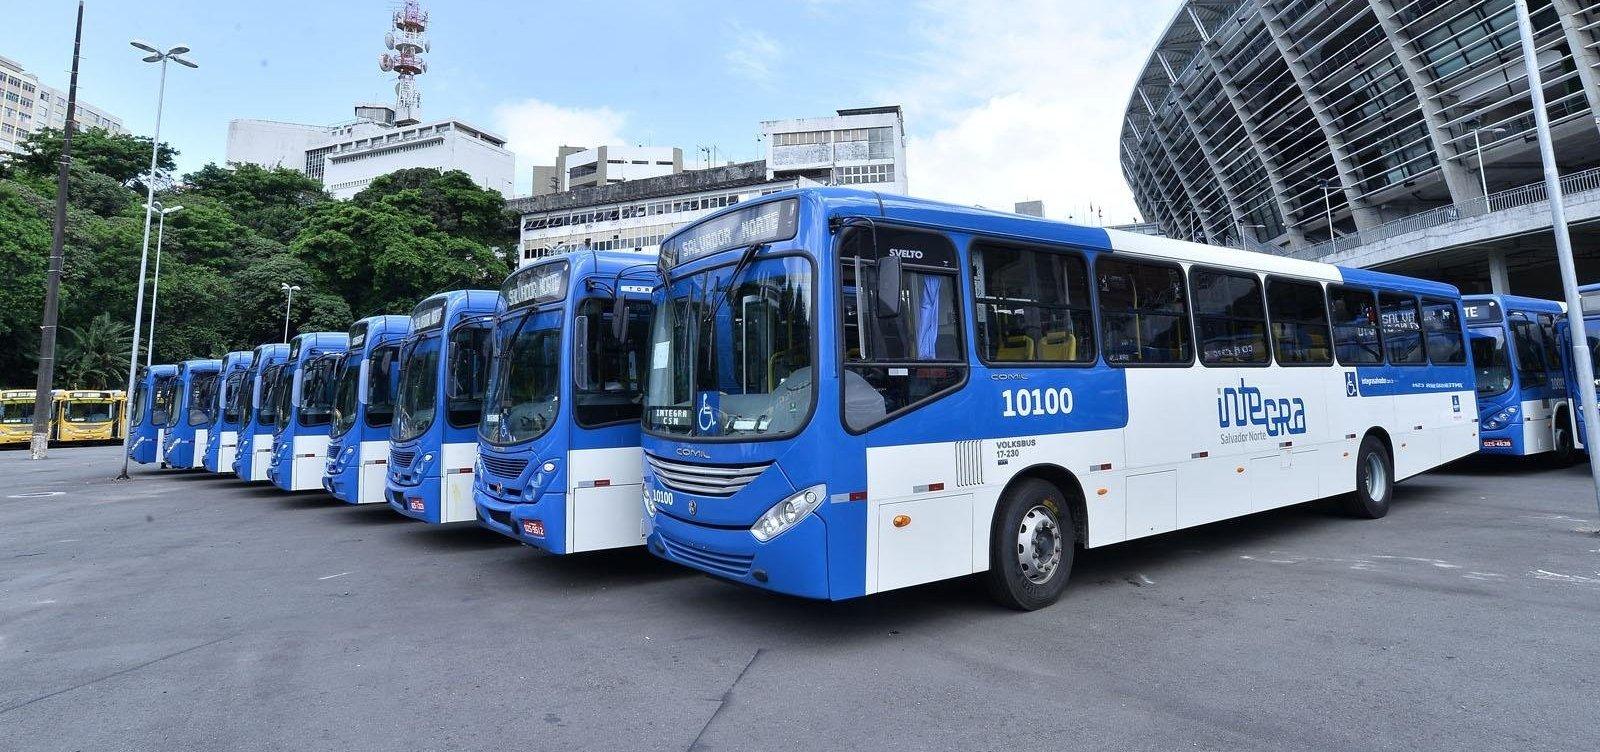 Domingo de eleições tem esquema especial no transporte público